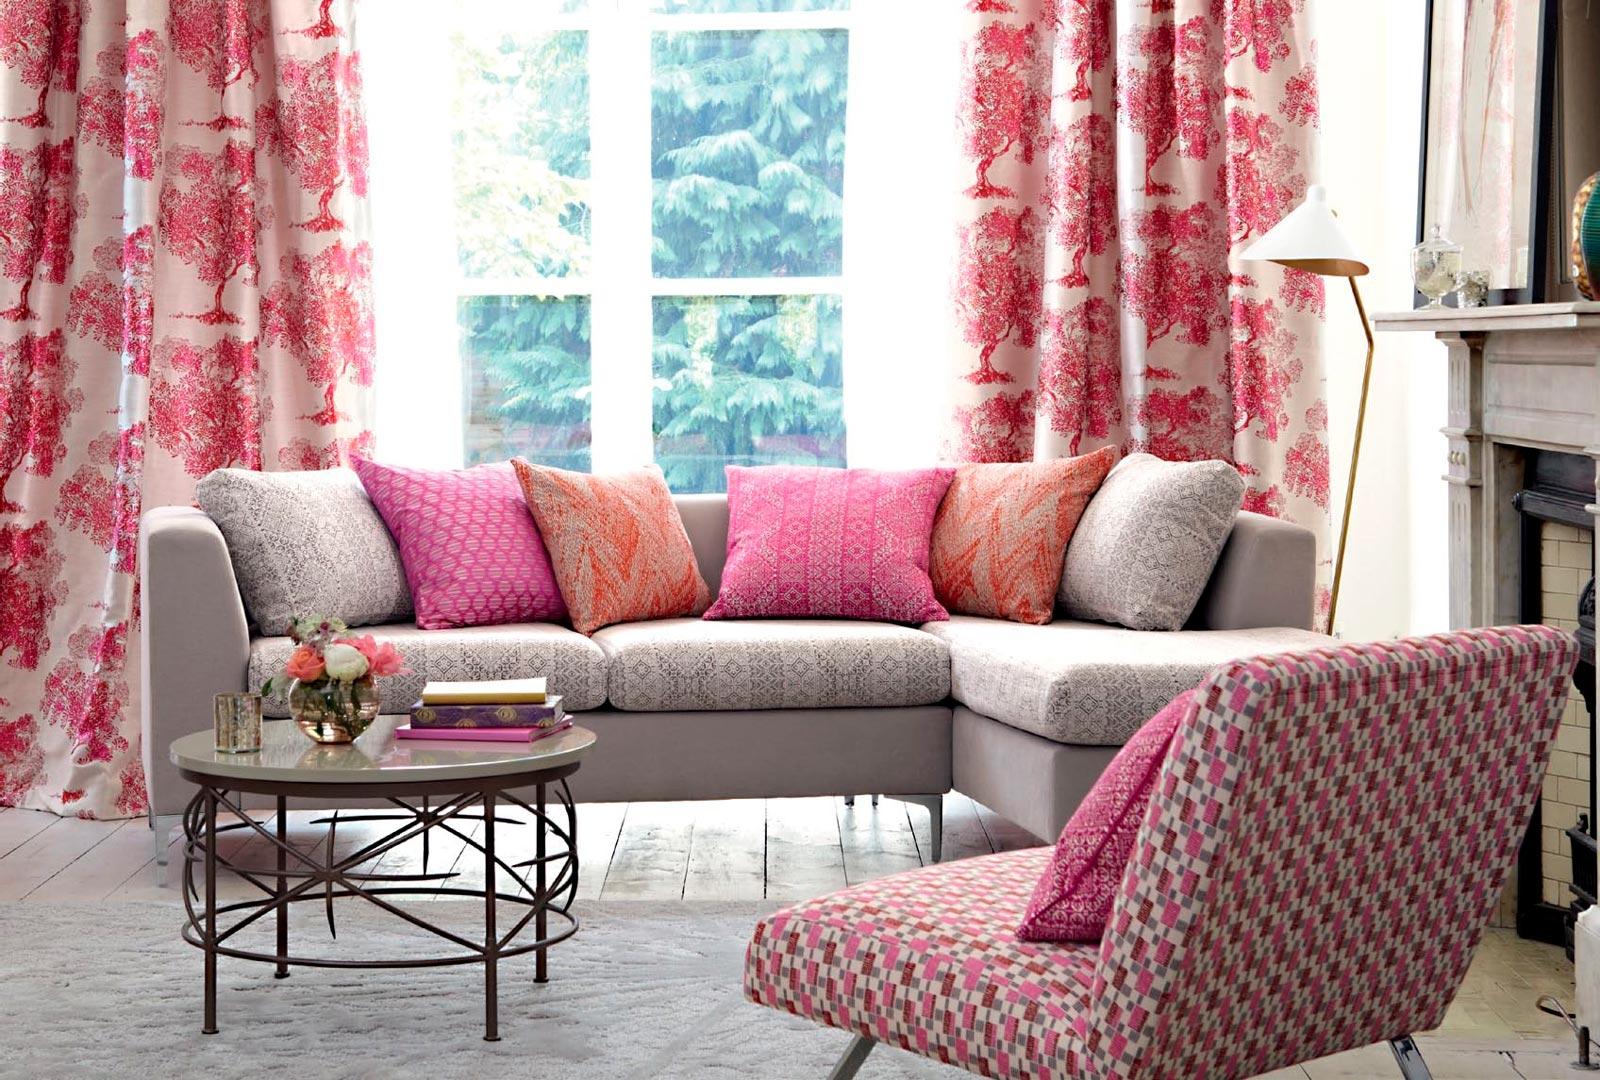 Cojines y cortinas en Manresa textil hogar